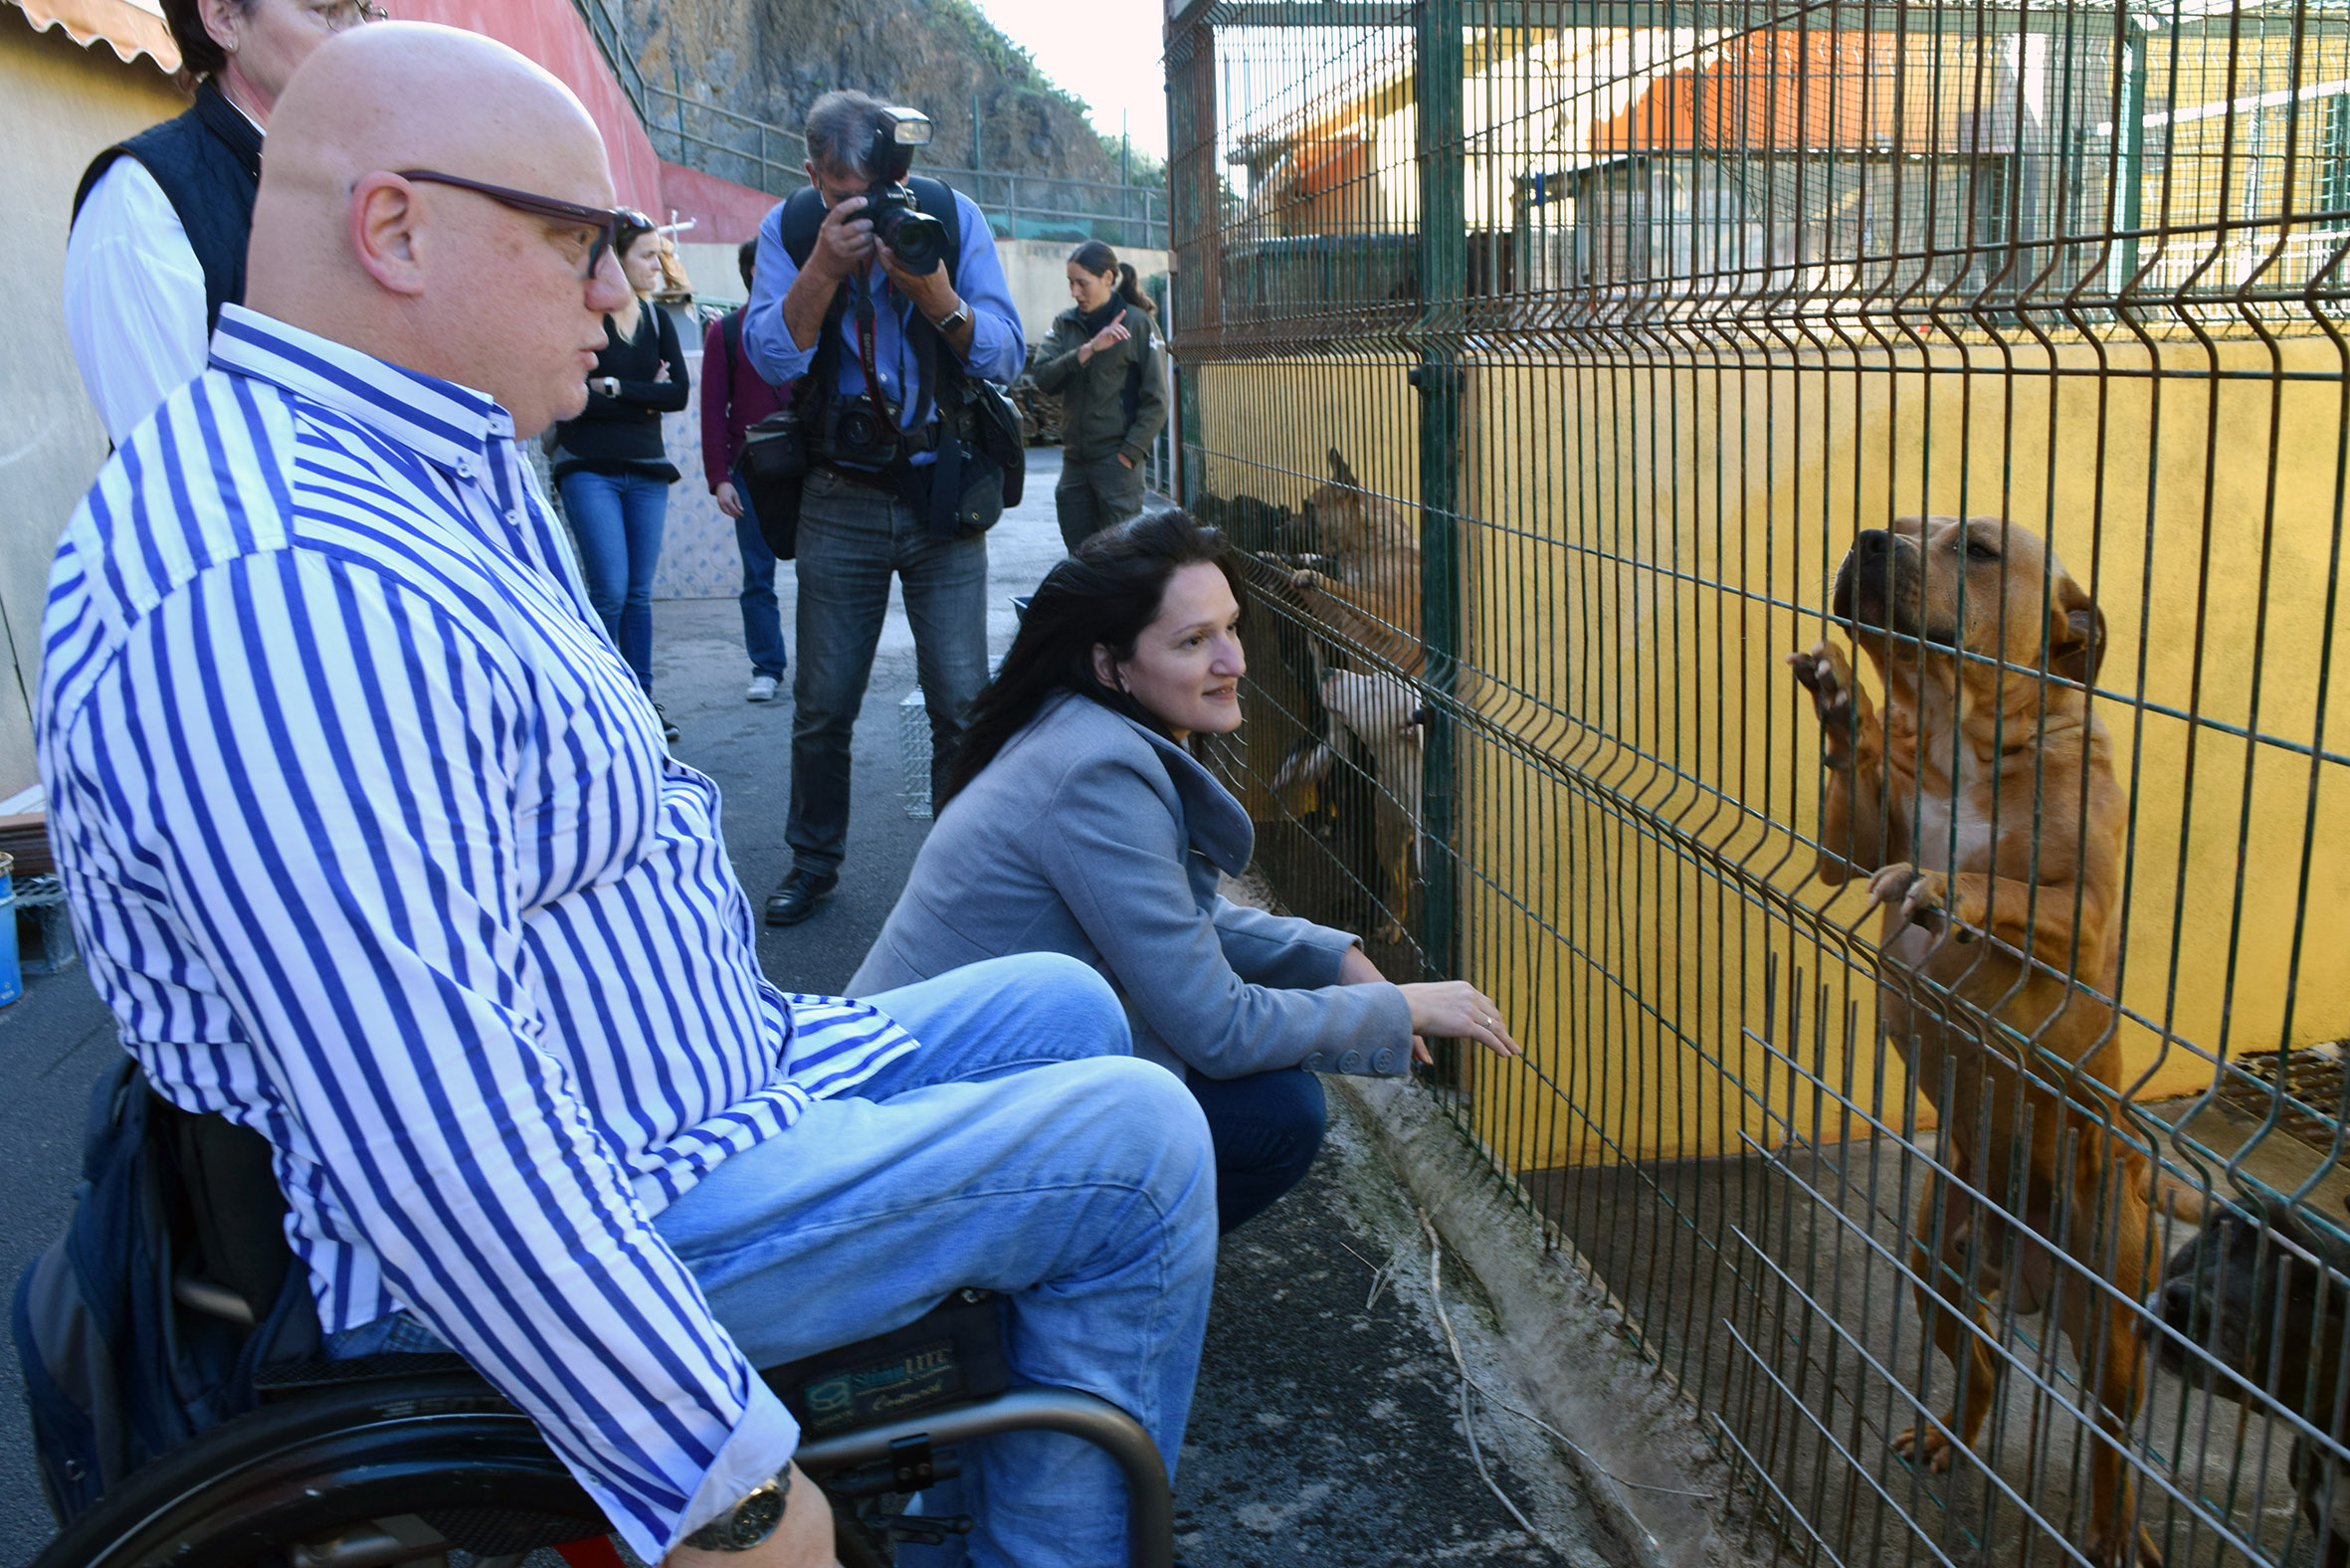 Santa Cruz De Tenerife Reafirma Su Compromiso Con El Albergue De Animales De Valle Colino Canarias Noticias